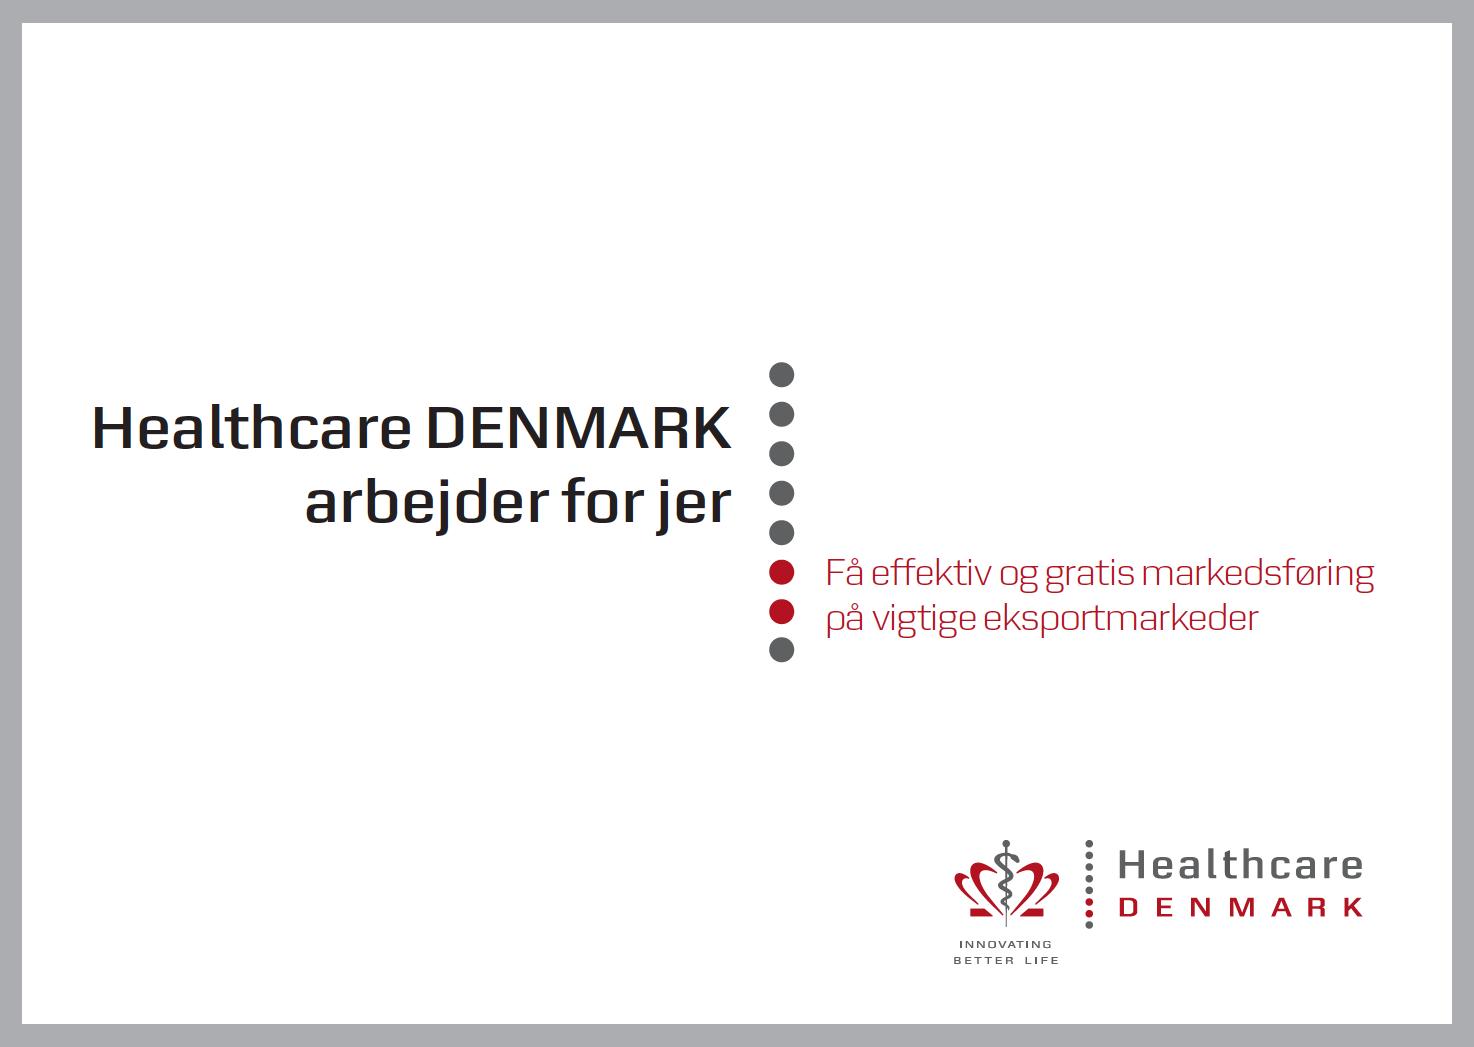 Healthcare DENMARK – postkort